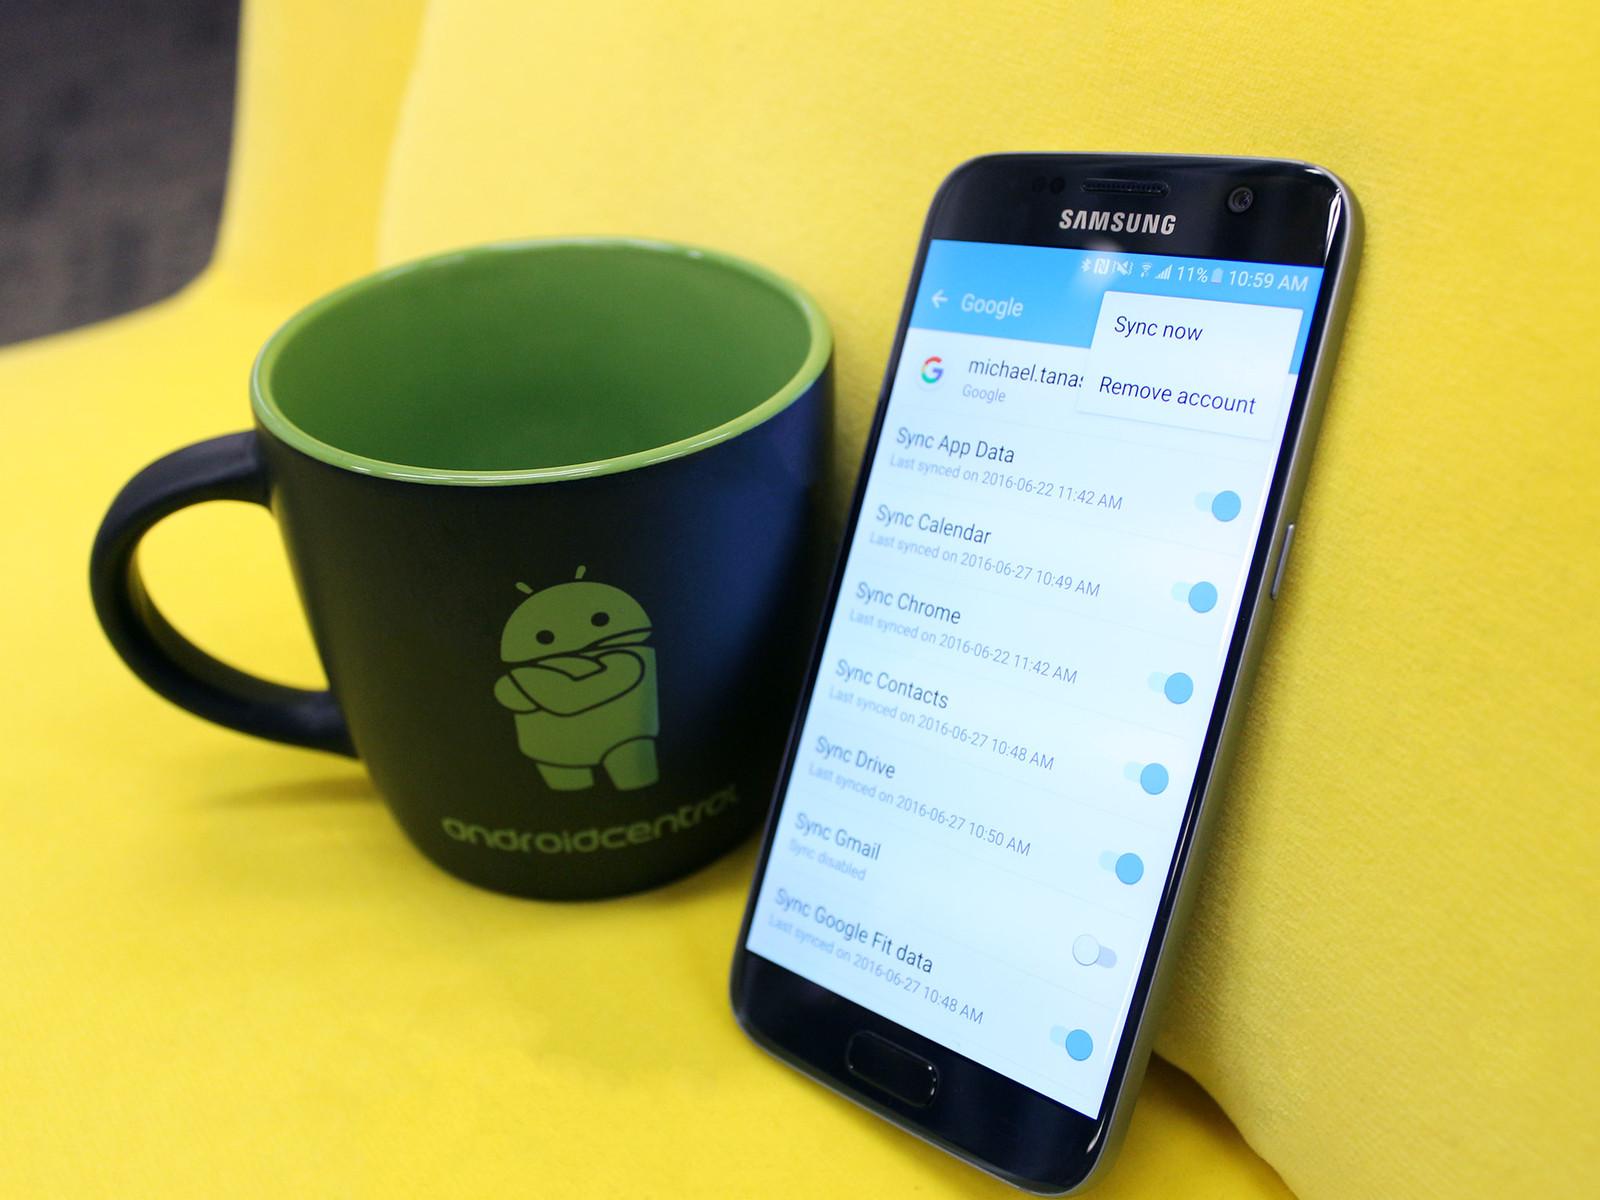 Функция синхронизации учётной записи Google является одной из удобных функций на Android в любой ситуации при переносе контактов